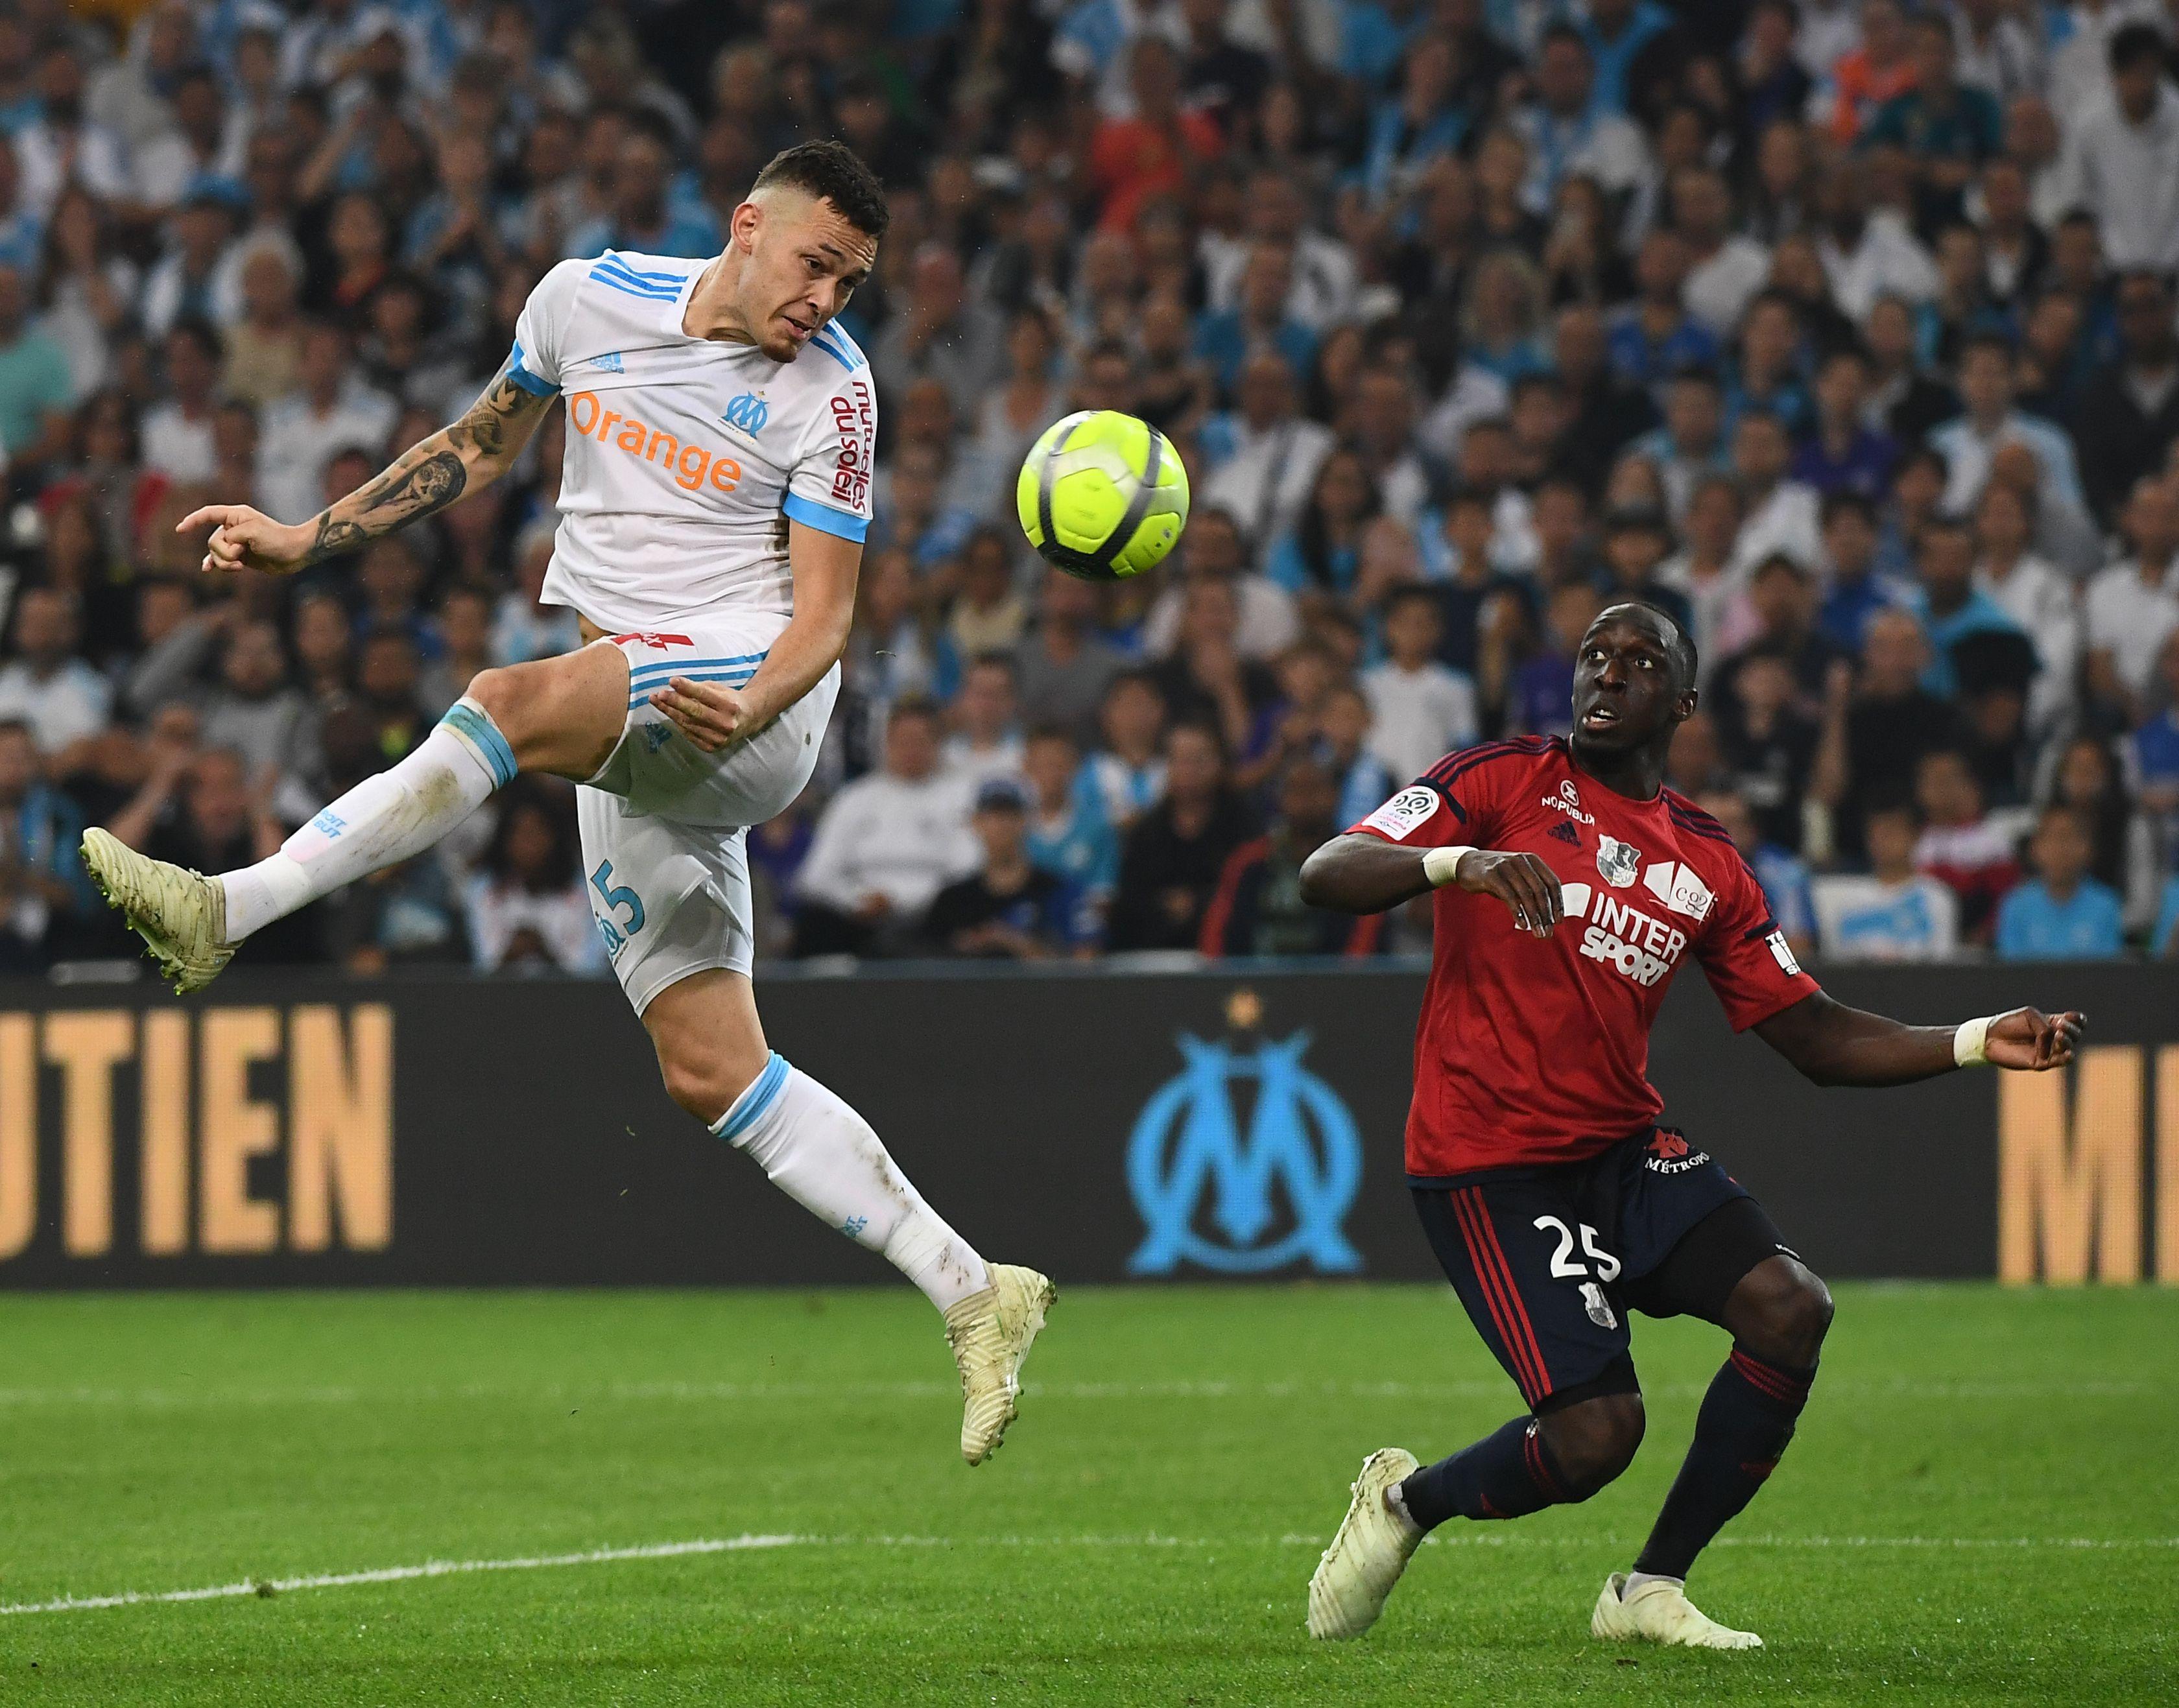 Football - Ligue 1 - Ligue 1 : Double peine pour l'OM, Toulouse a peur